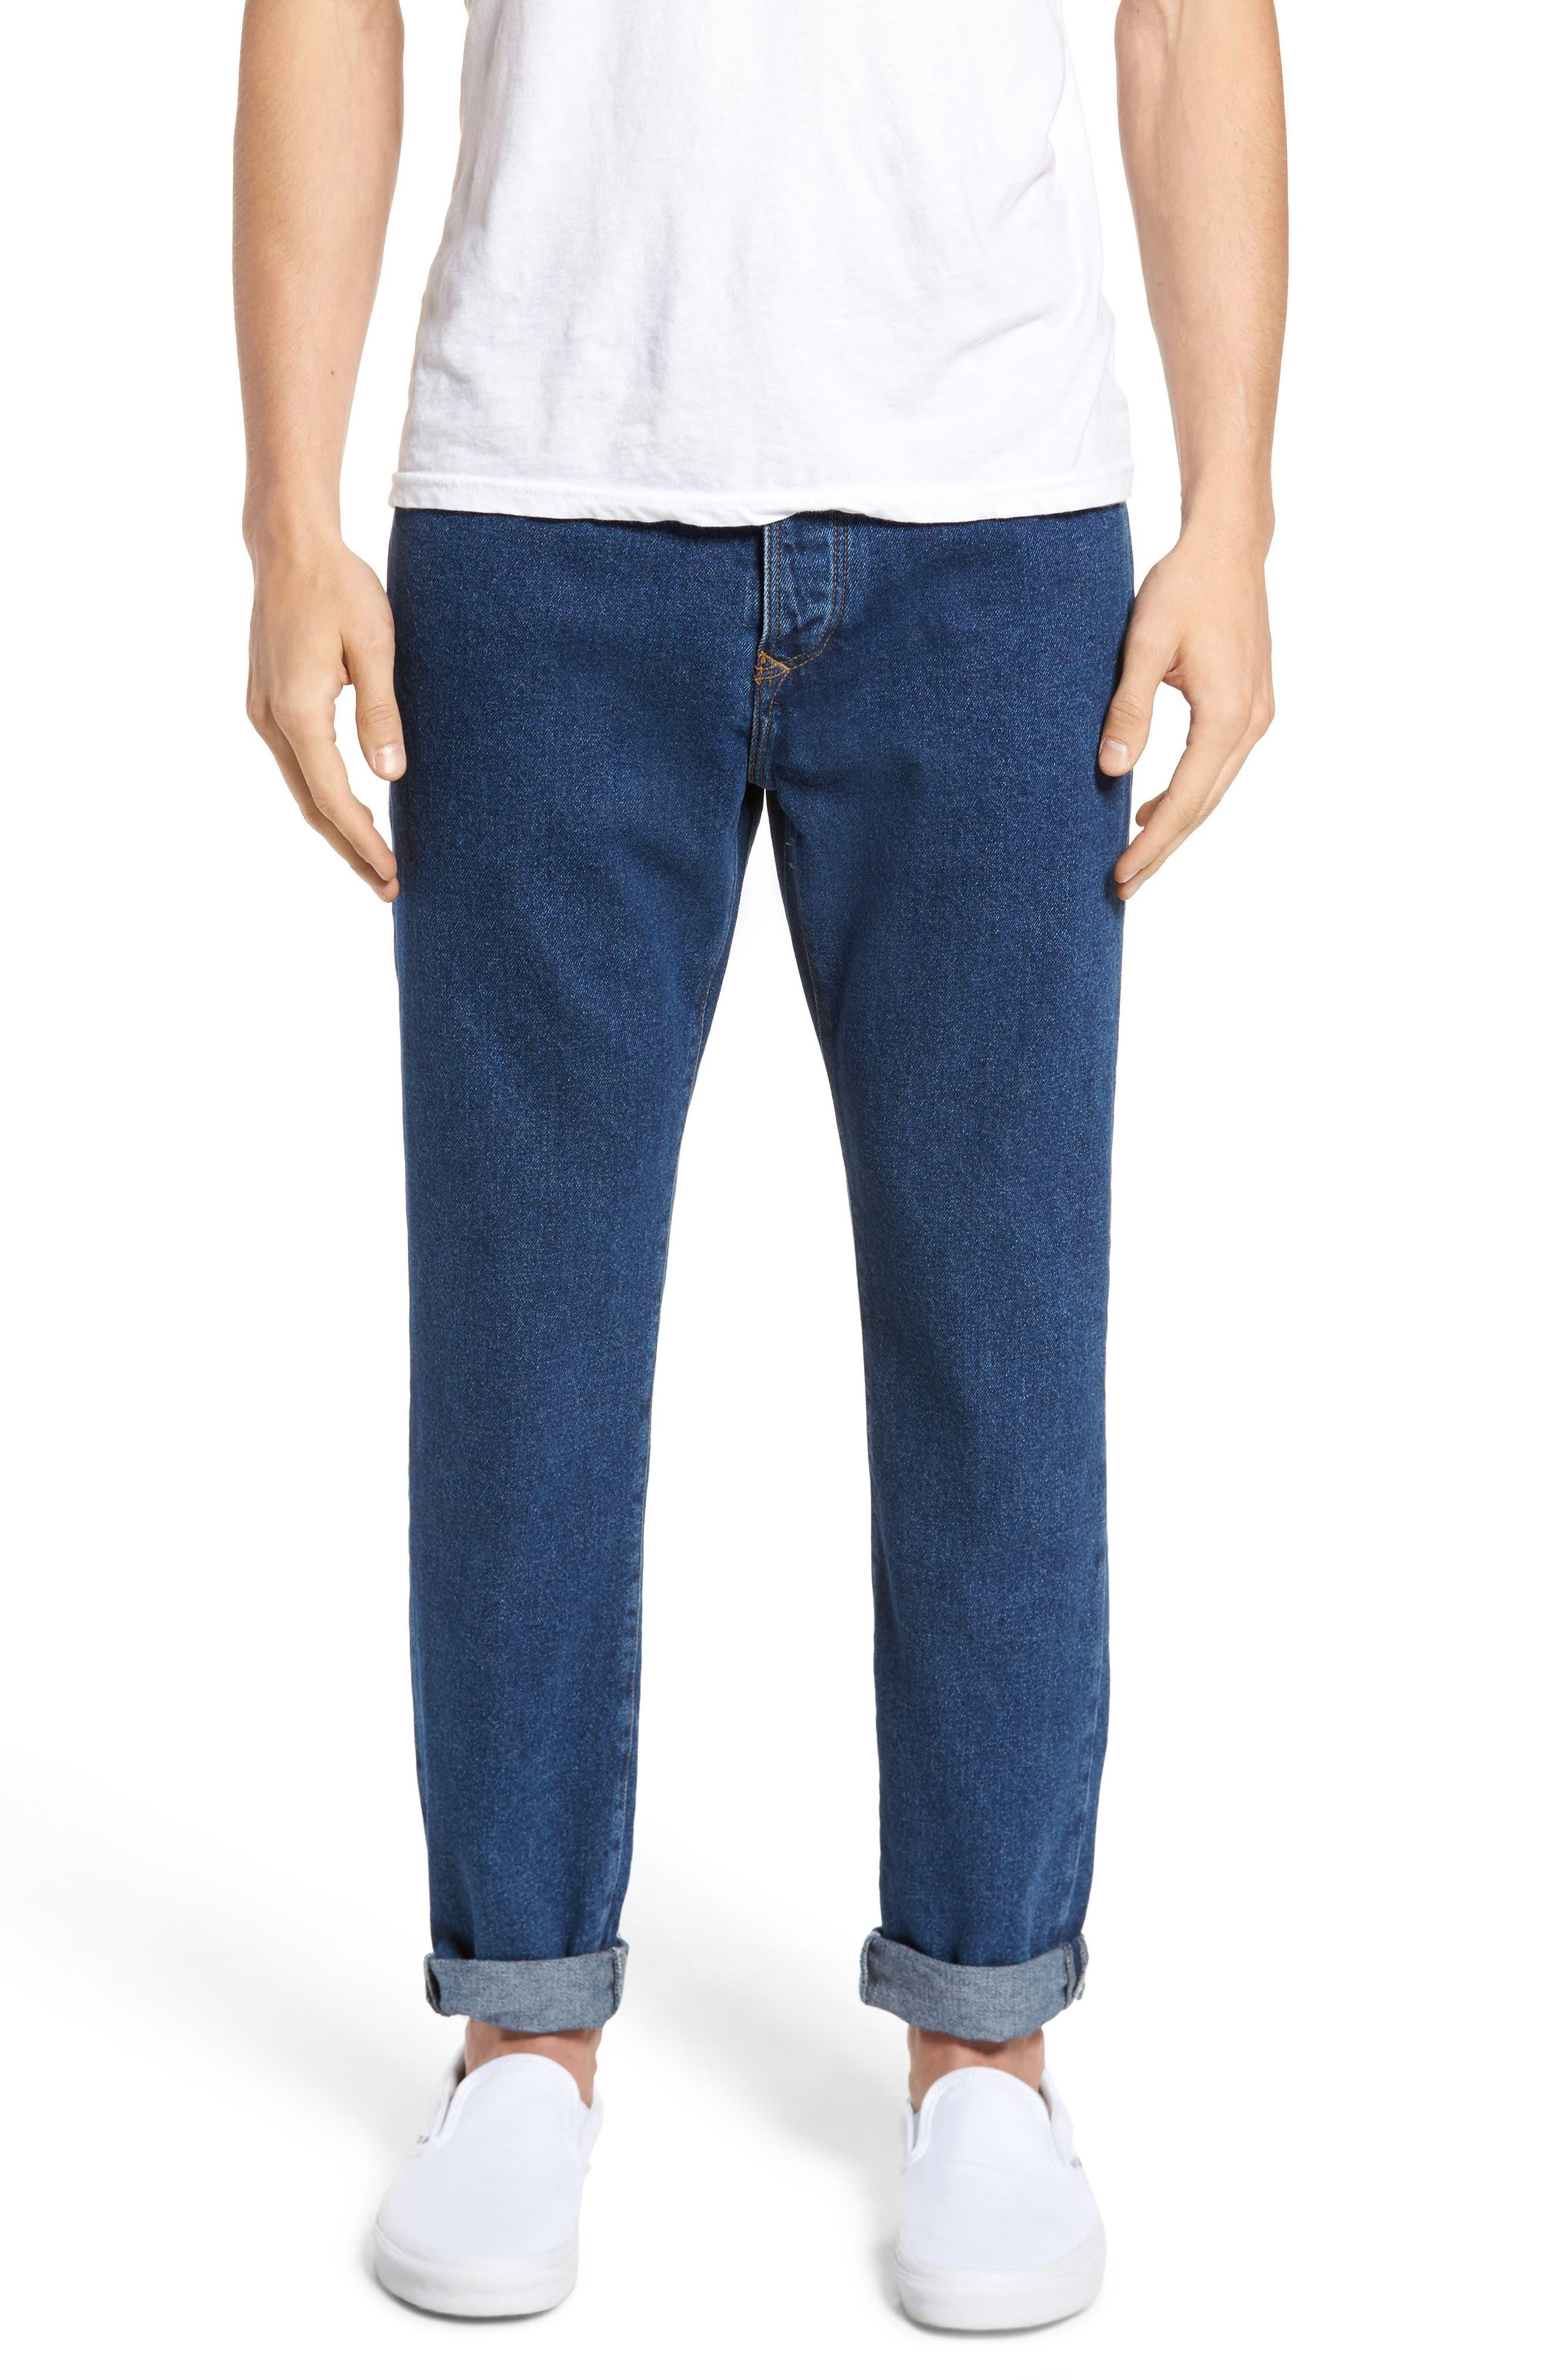 90s Classic Straight Leg Jeans,                         Main,                         color, Denim Blue